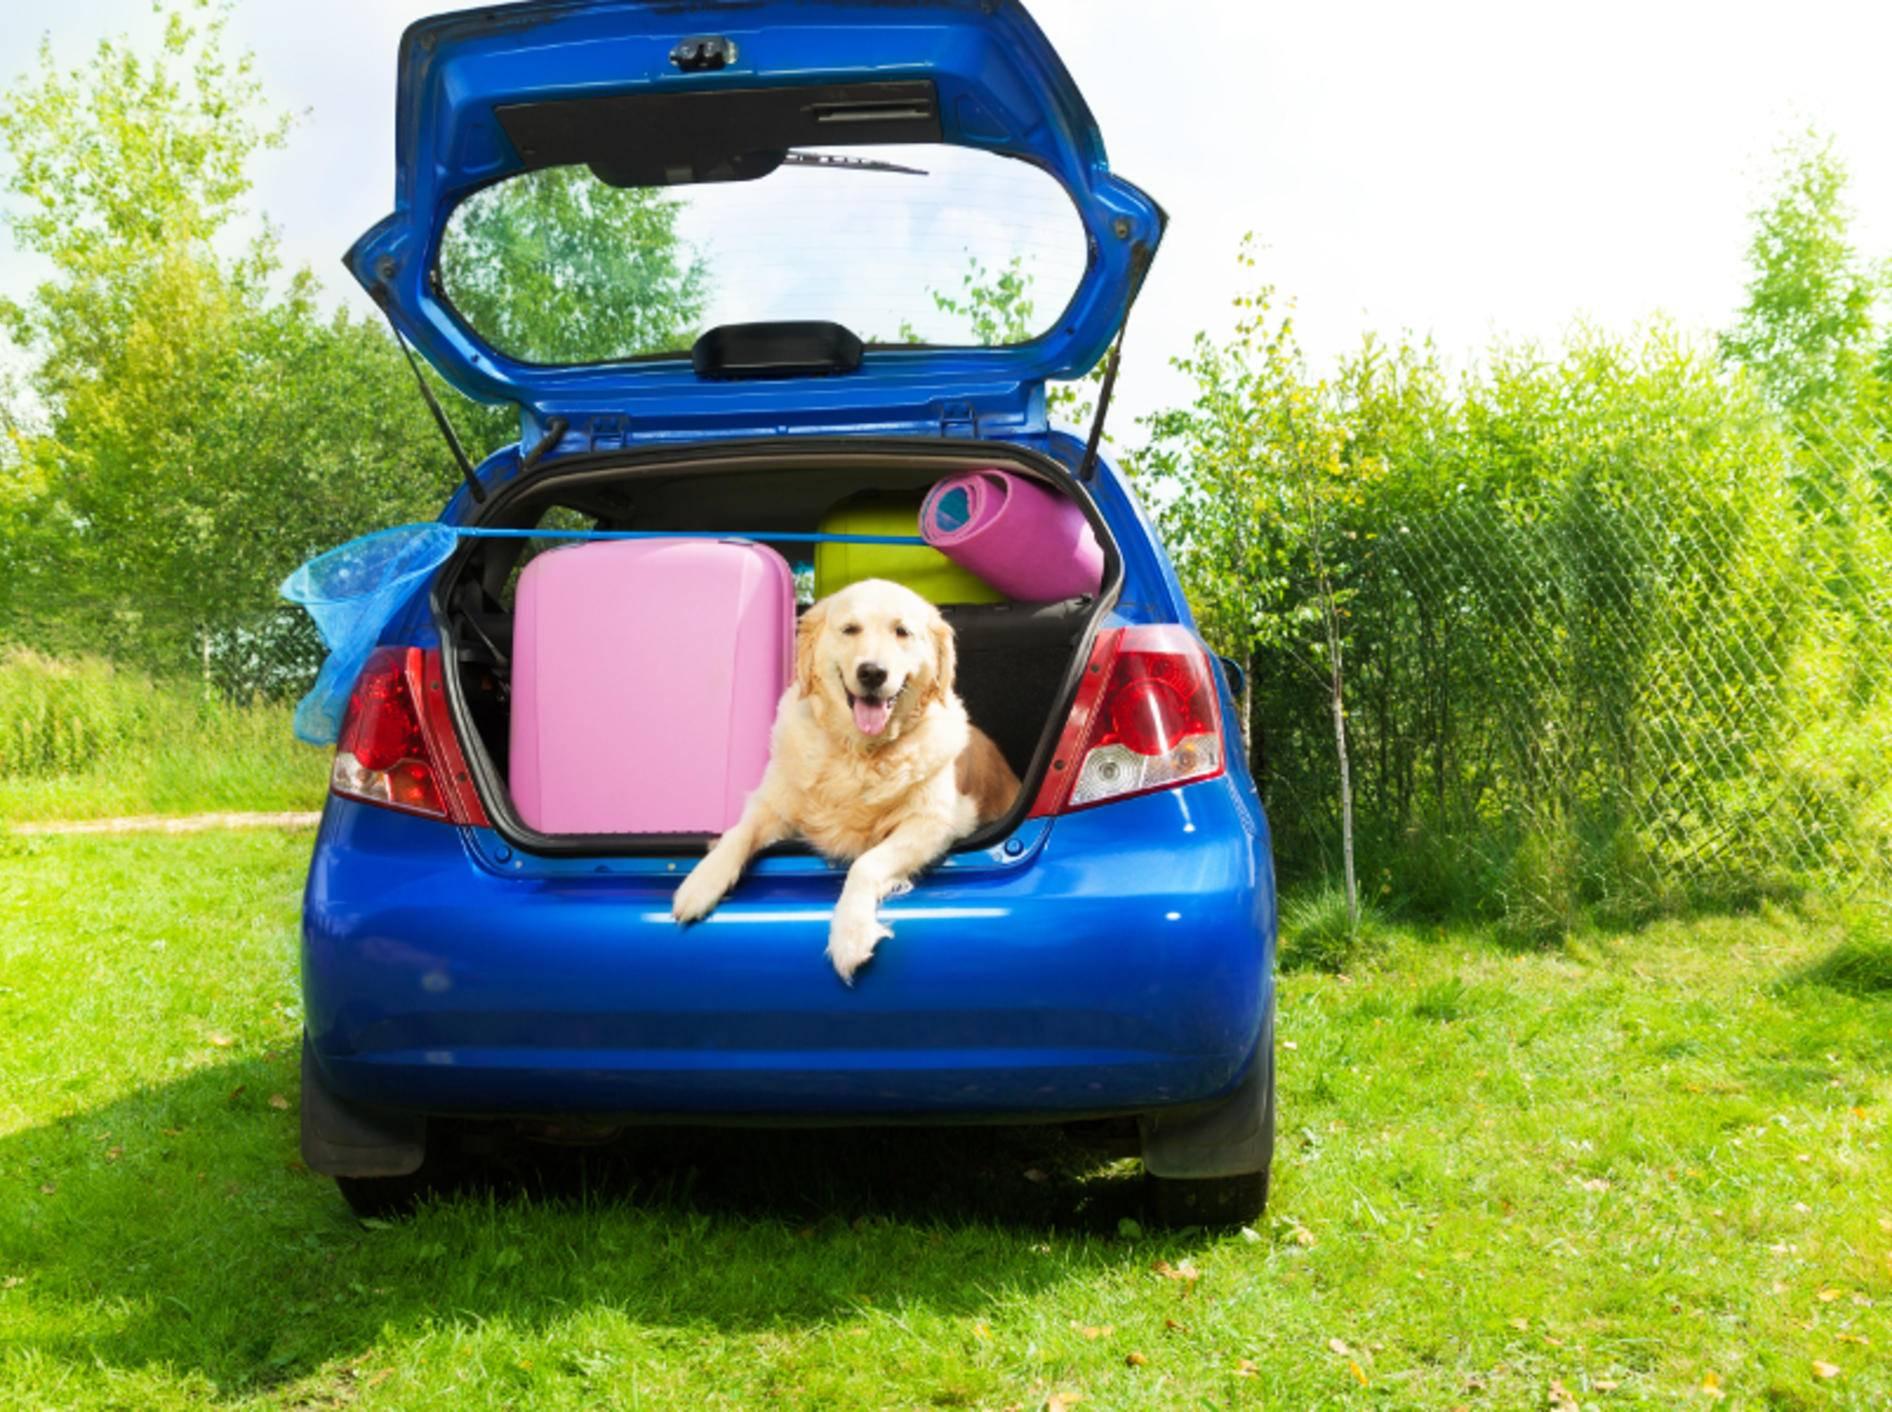 Dieser süße Hund braucht einen EU-Heimtierausweis im Urlaub – Shutterstock / Sergey Novikov